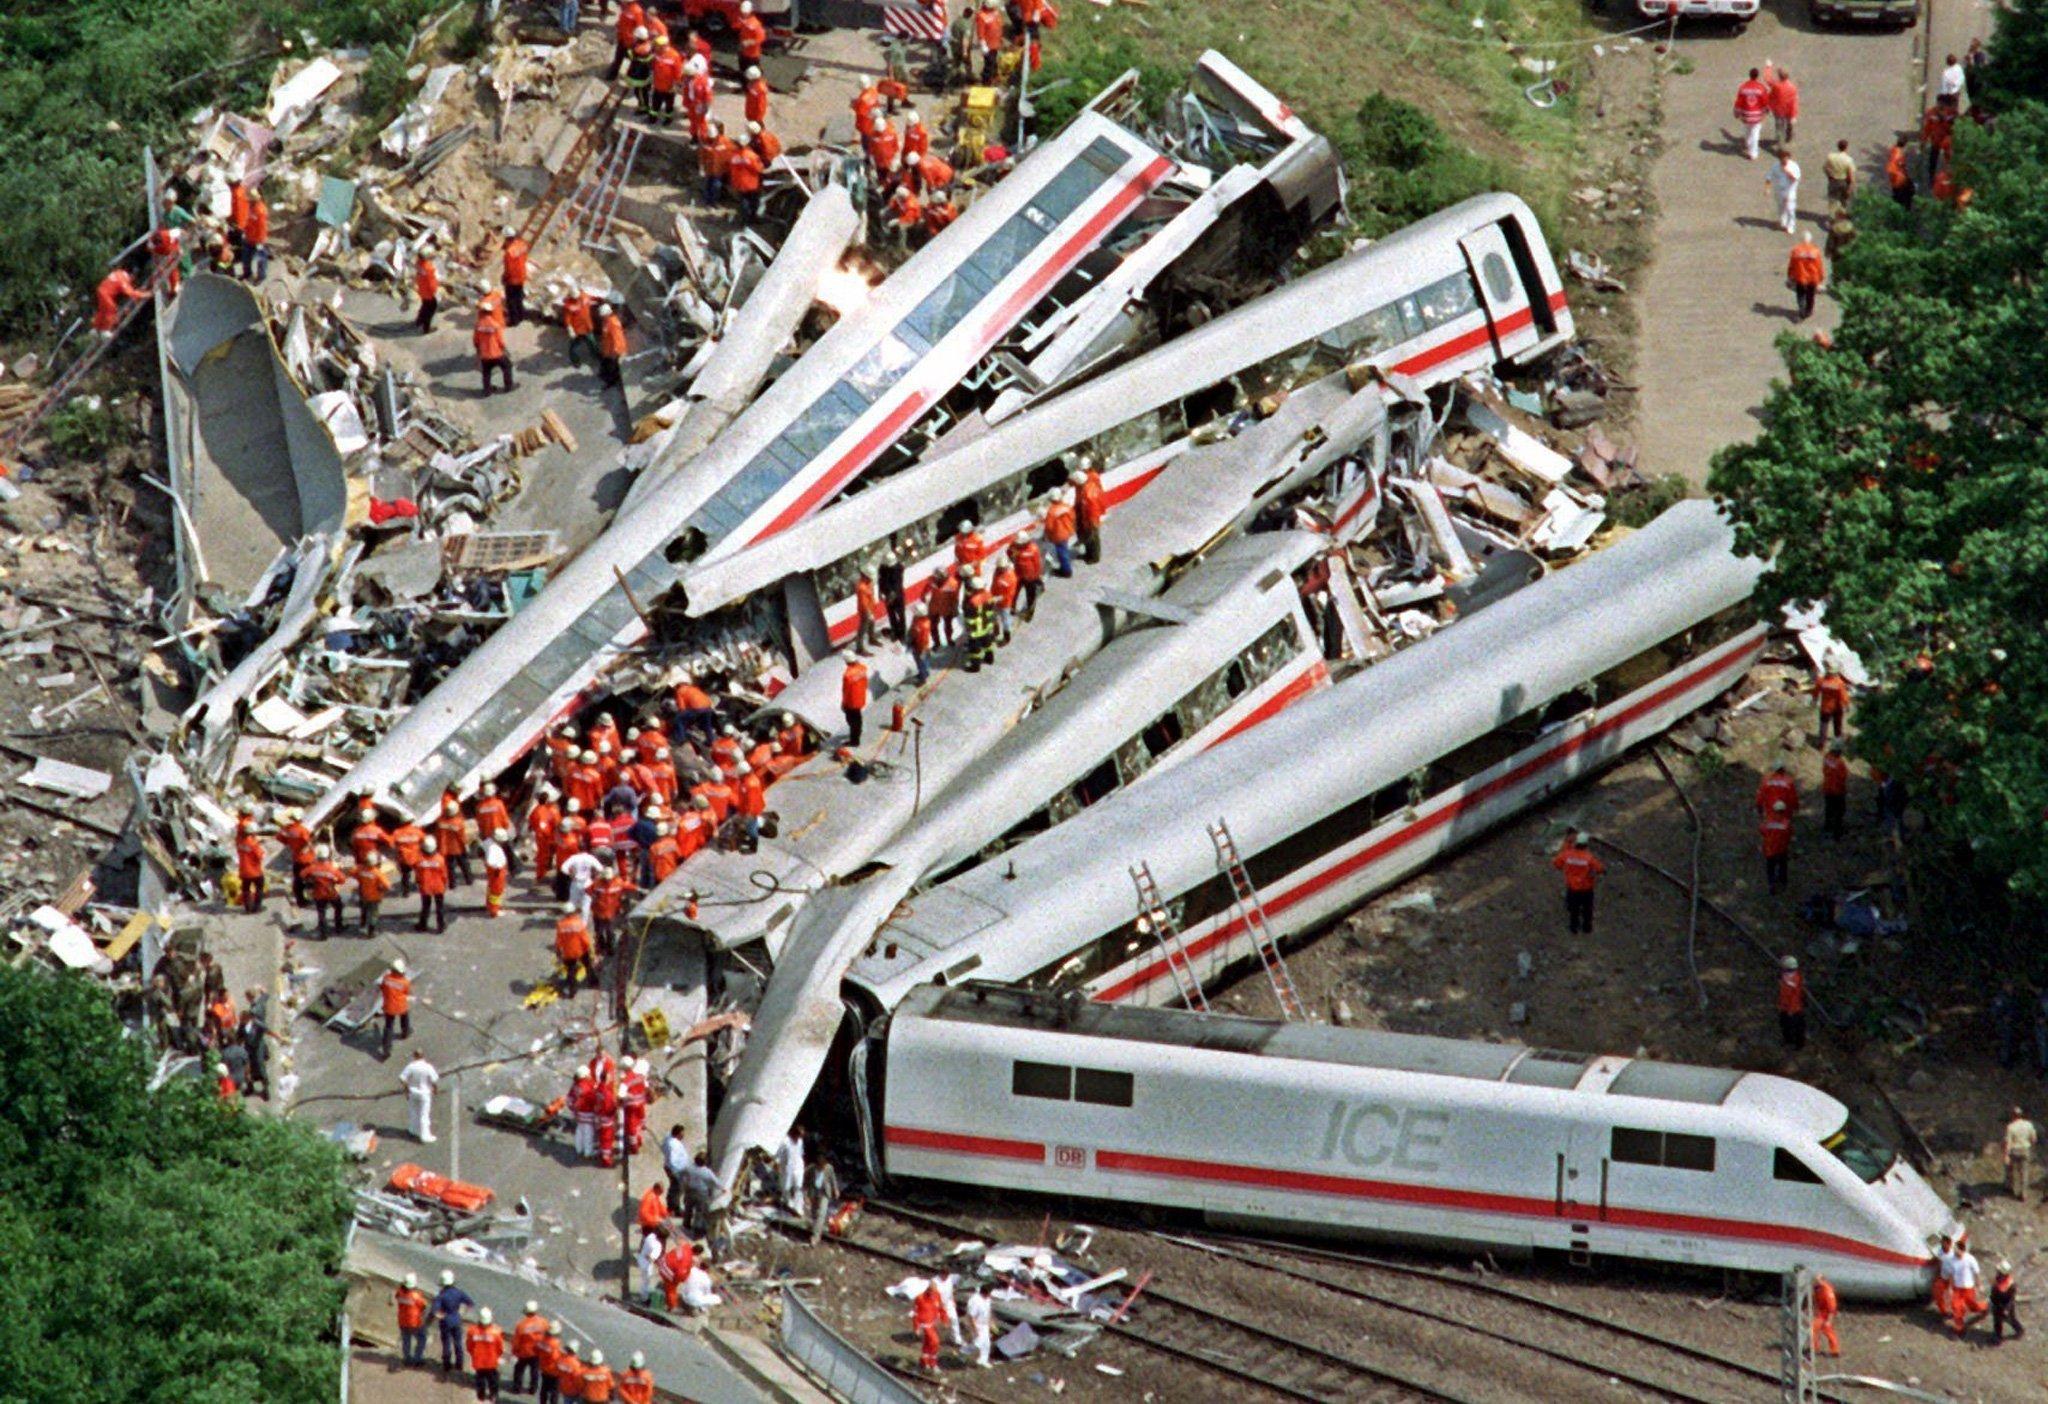 Das Unglück in Eschede war das schwerste Bahnunglück der Nachkriegsgeschichte: Am 3. Juni 1998 raste der Intercity-Express 884 dort mit 200 km/h gegen eine Betonbrücke und entgleiste. 101 Menschen kamen ums Leben. Unfallursache war ein gebrochenes Rad.